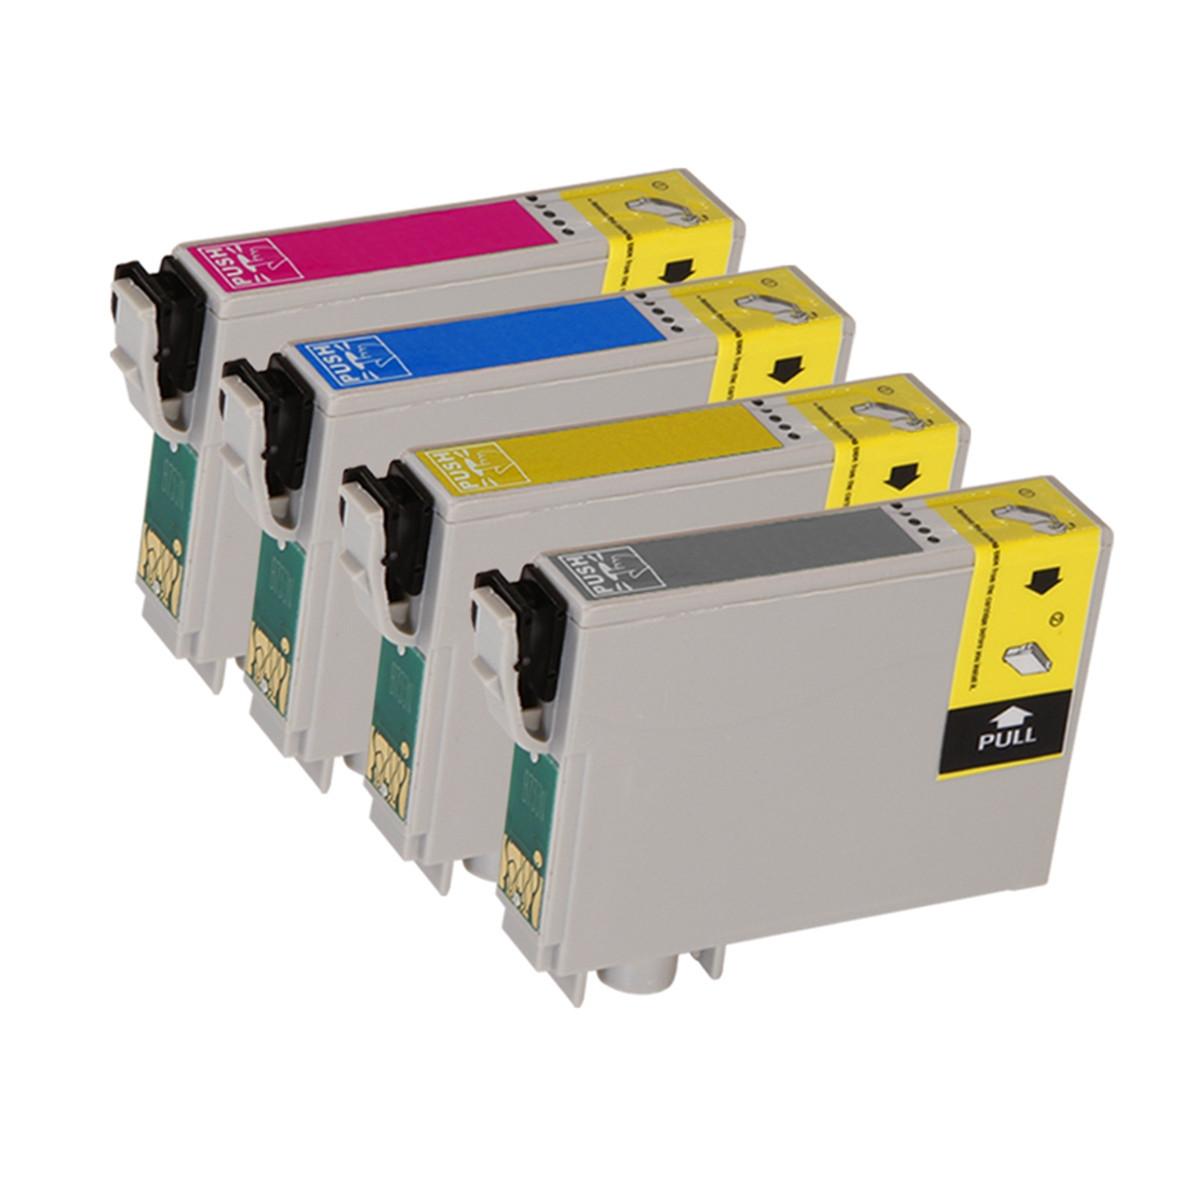 Kit 4 Cartucho de Tinta Compatível com Epson T082 T082120 T082220 T082320 T082420